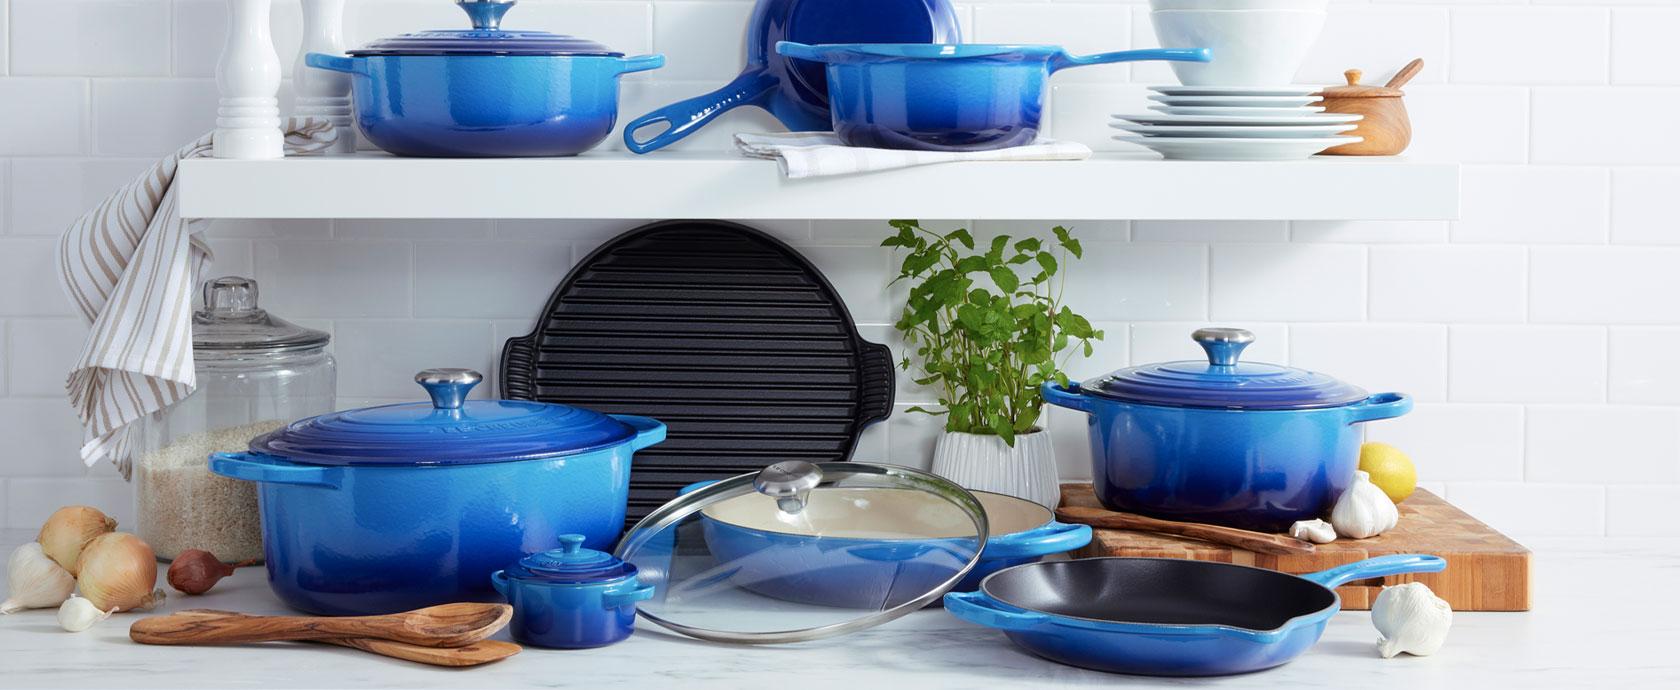 Le Creuset New & Exclusive Azure blue color